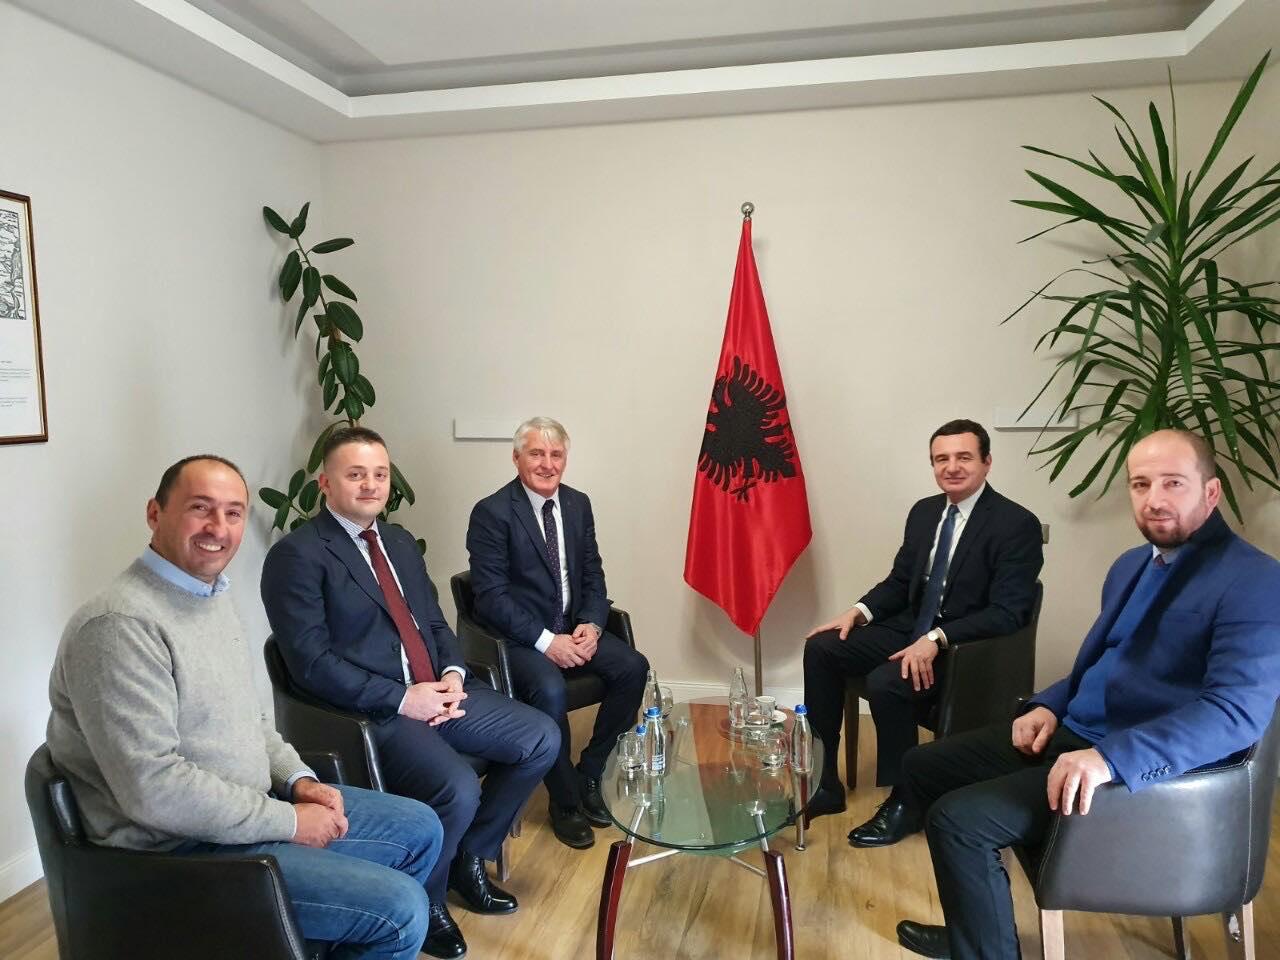 Shqiptarët e Luginës i kërkojnë Kurtit bashkim me Kosovën